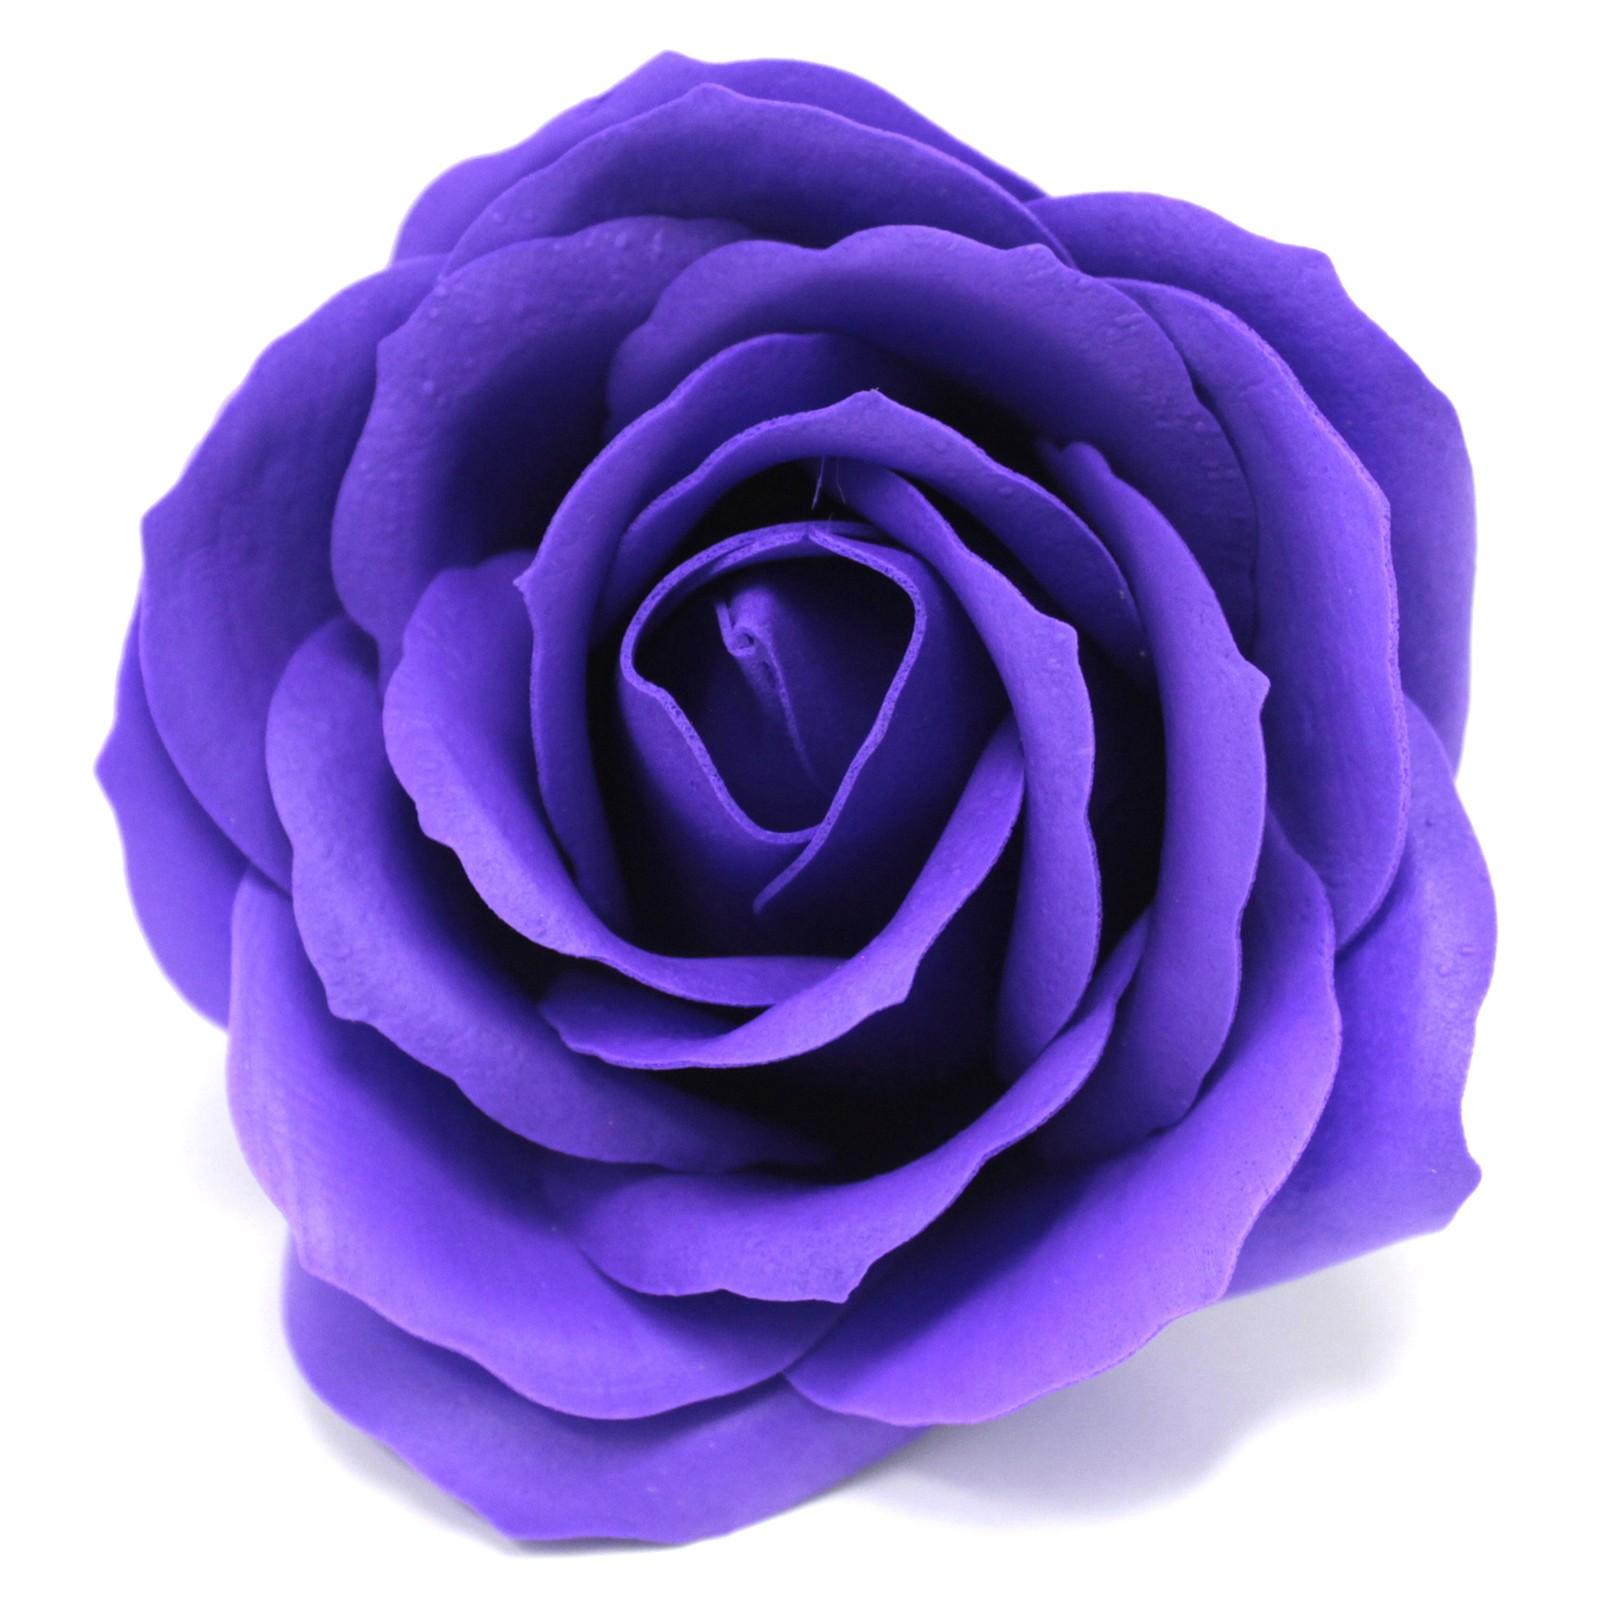 Craft Soap Flowers Lrg Rose Violet